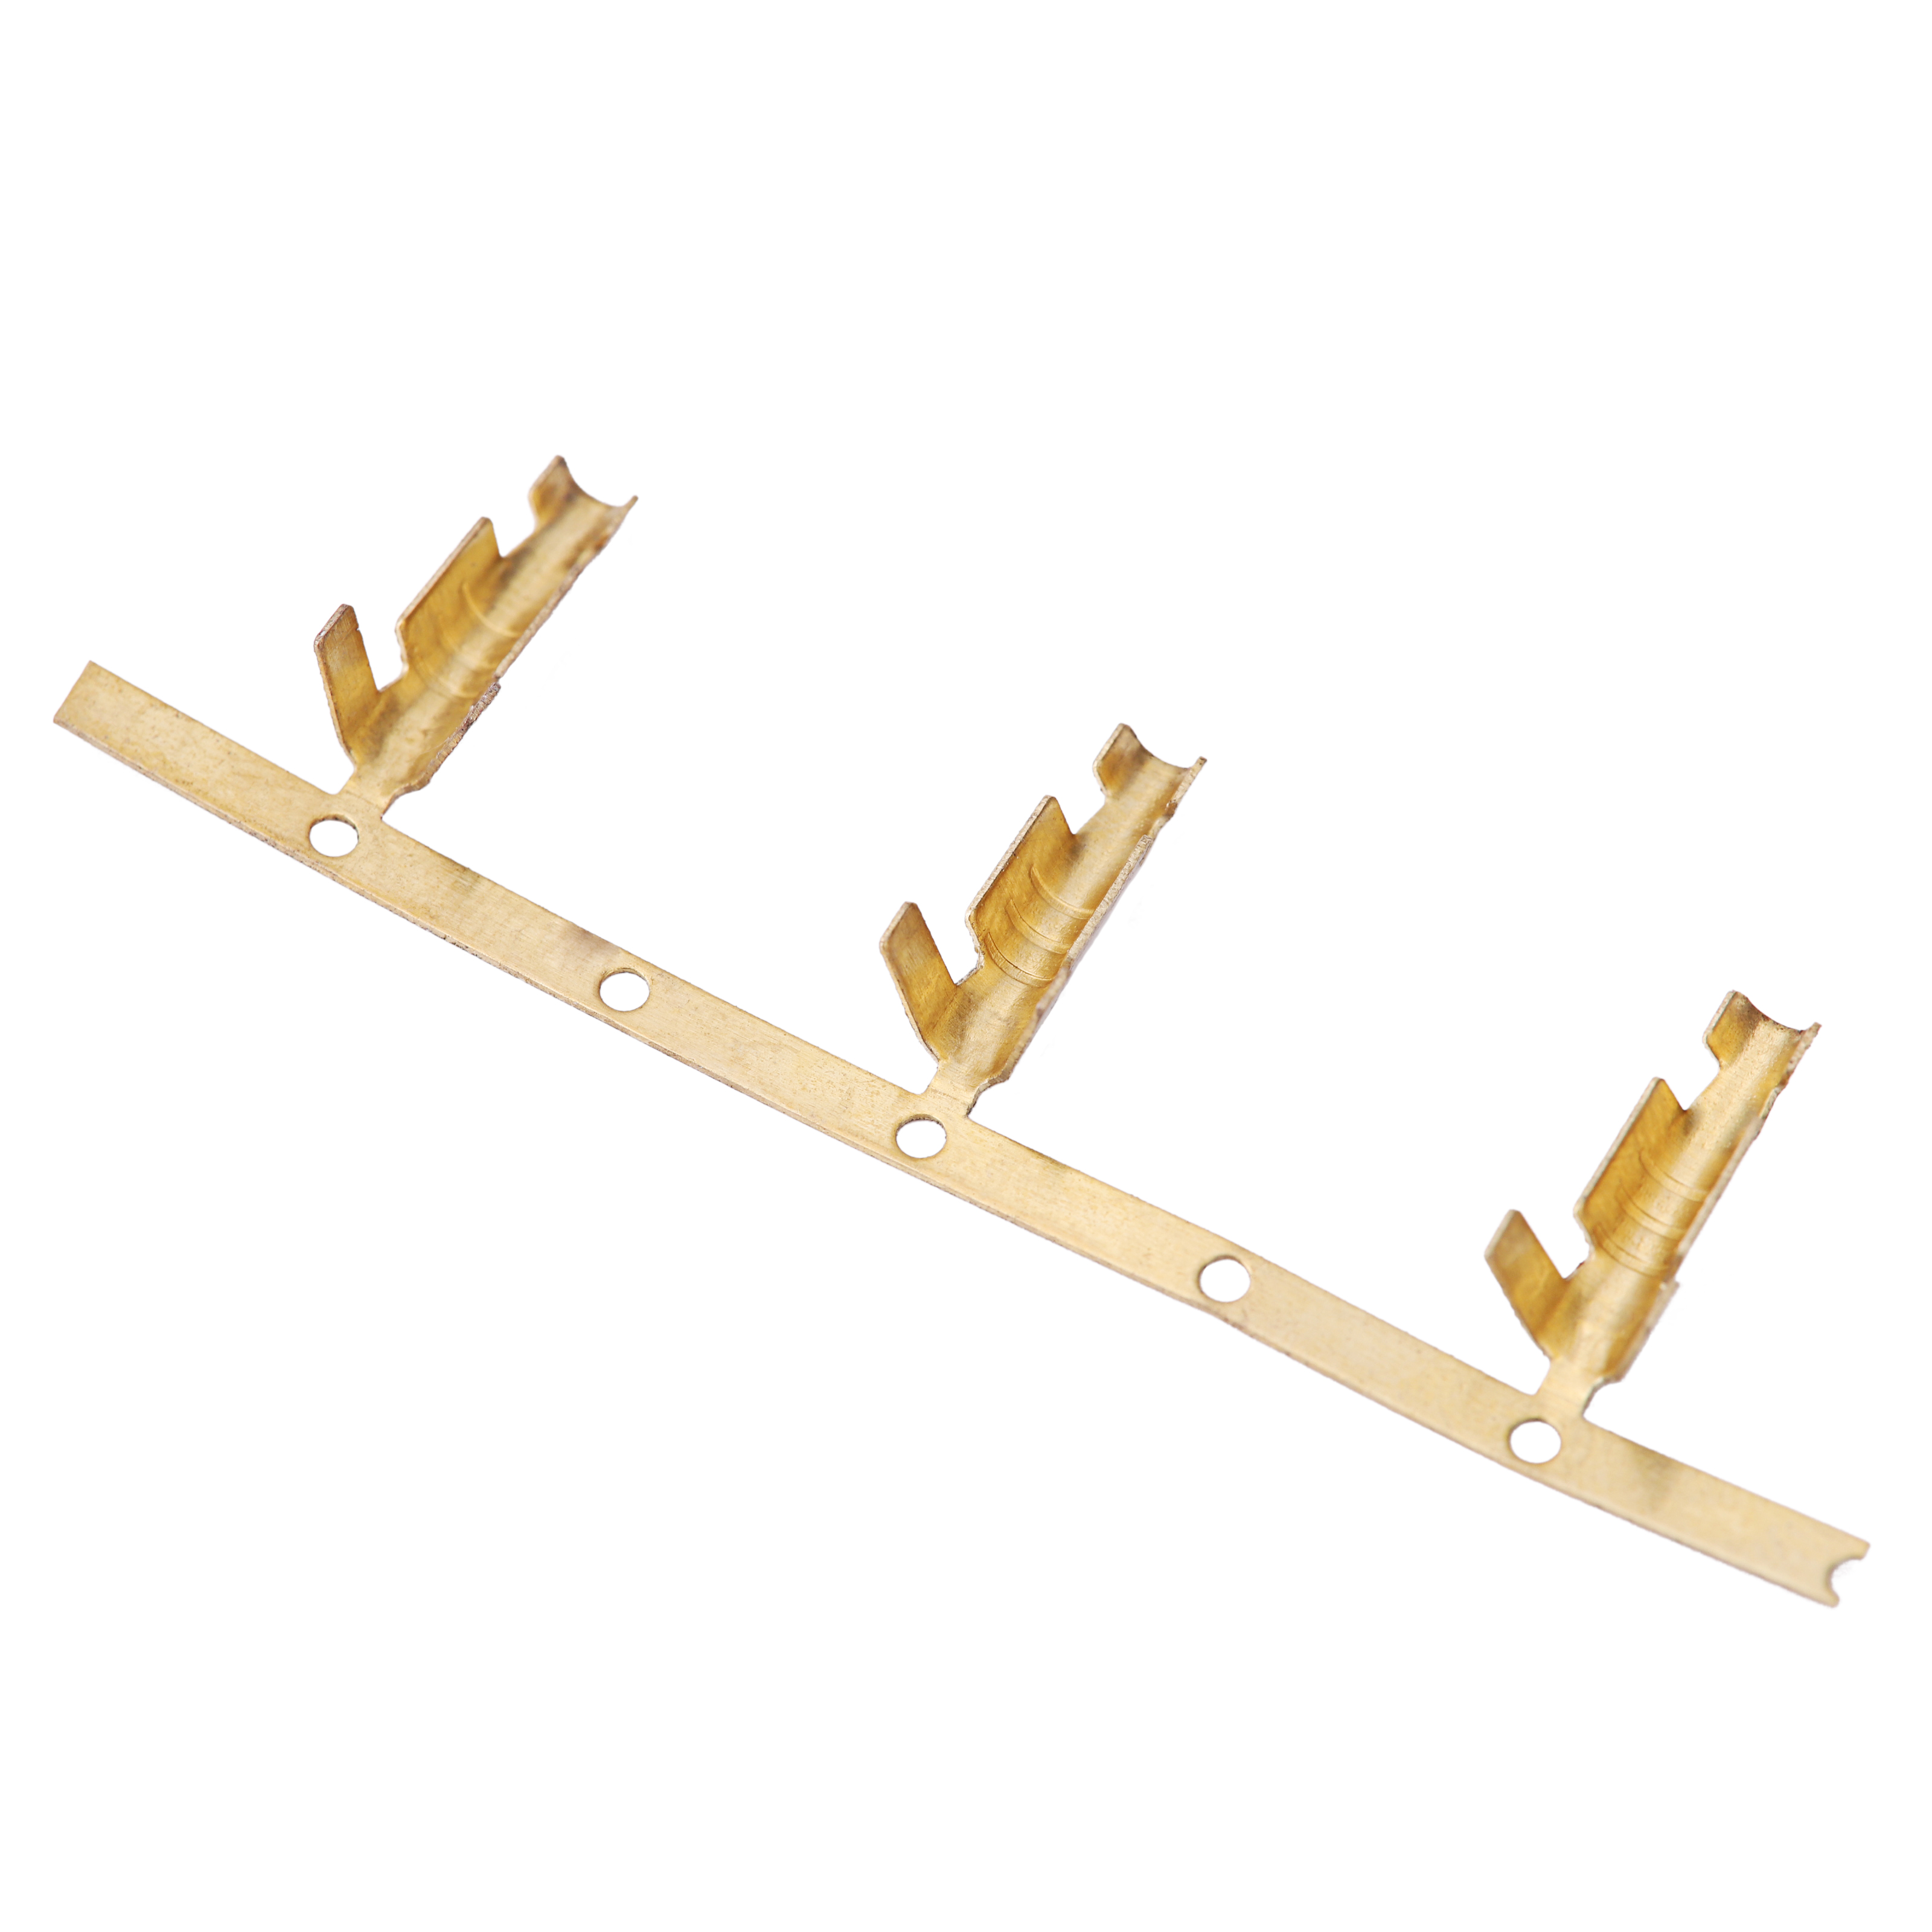 139接線端子非標端子非標定制接線端子黃江端子優質供應商志盈端子